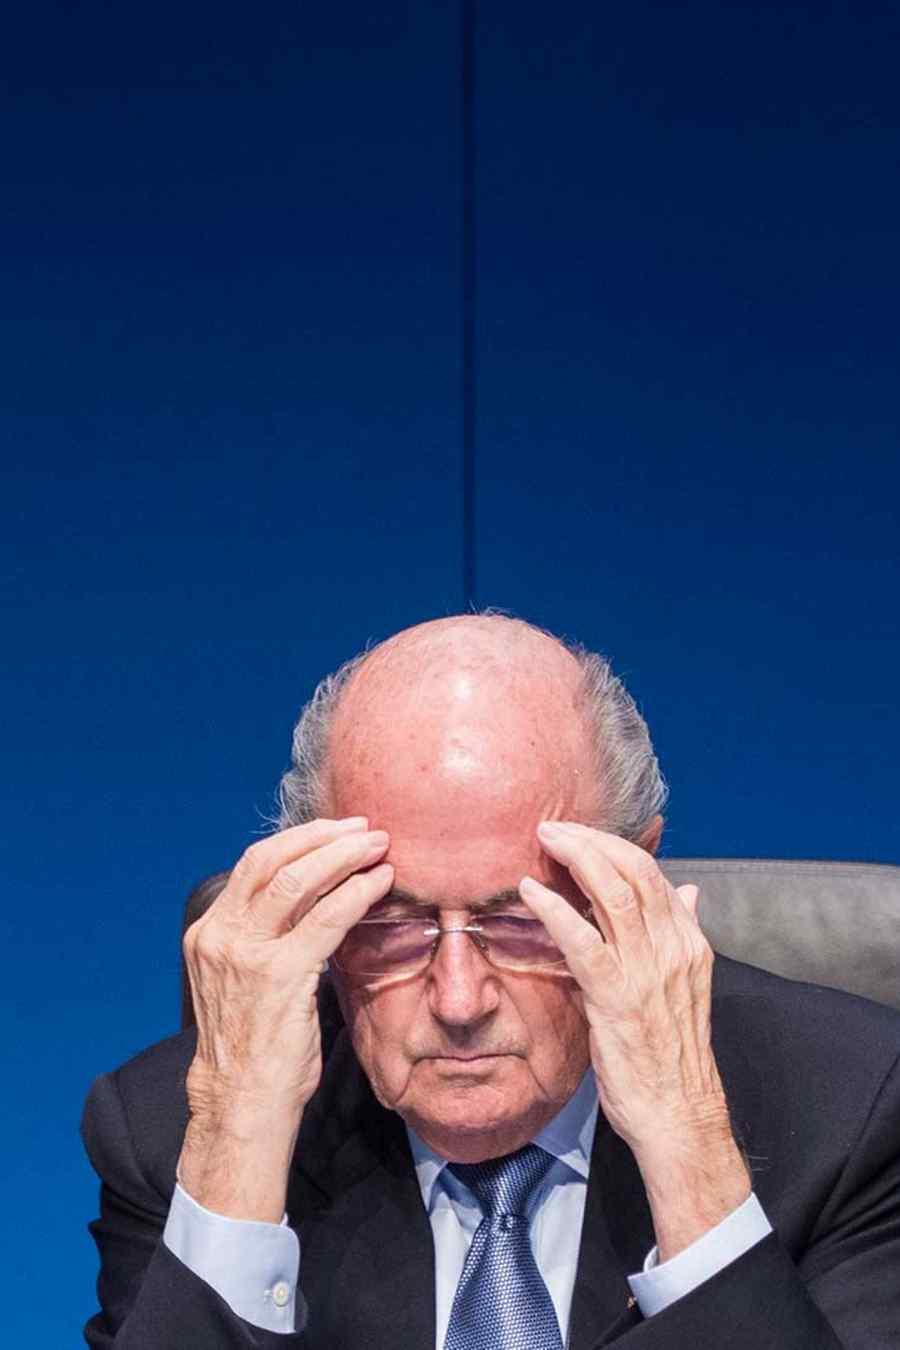 Joseph Blatter presidente de FIFA en conferencia de prensa en Suiza en Marzo del 2015